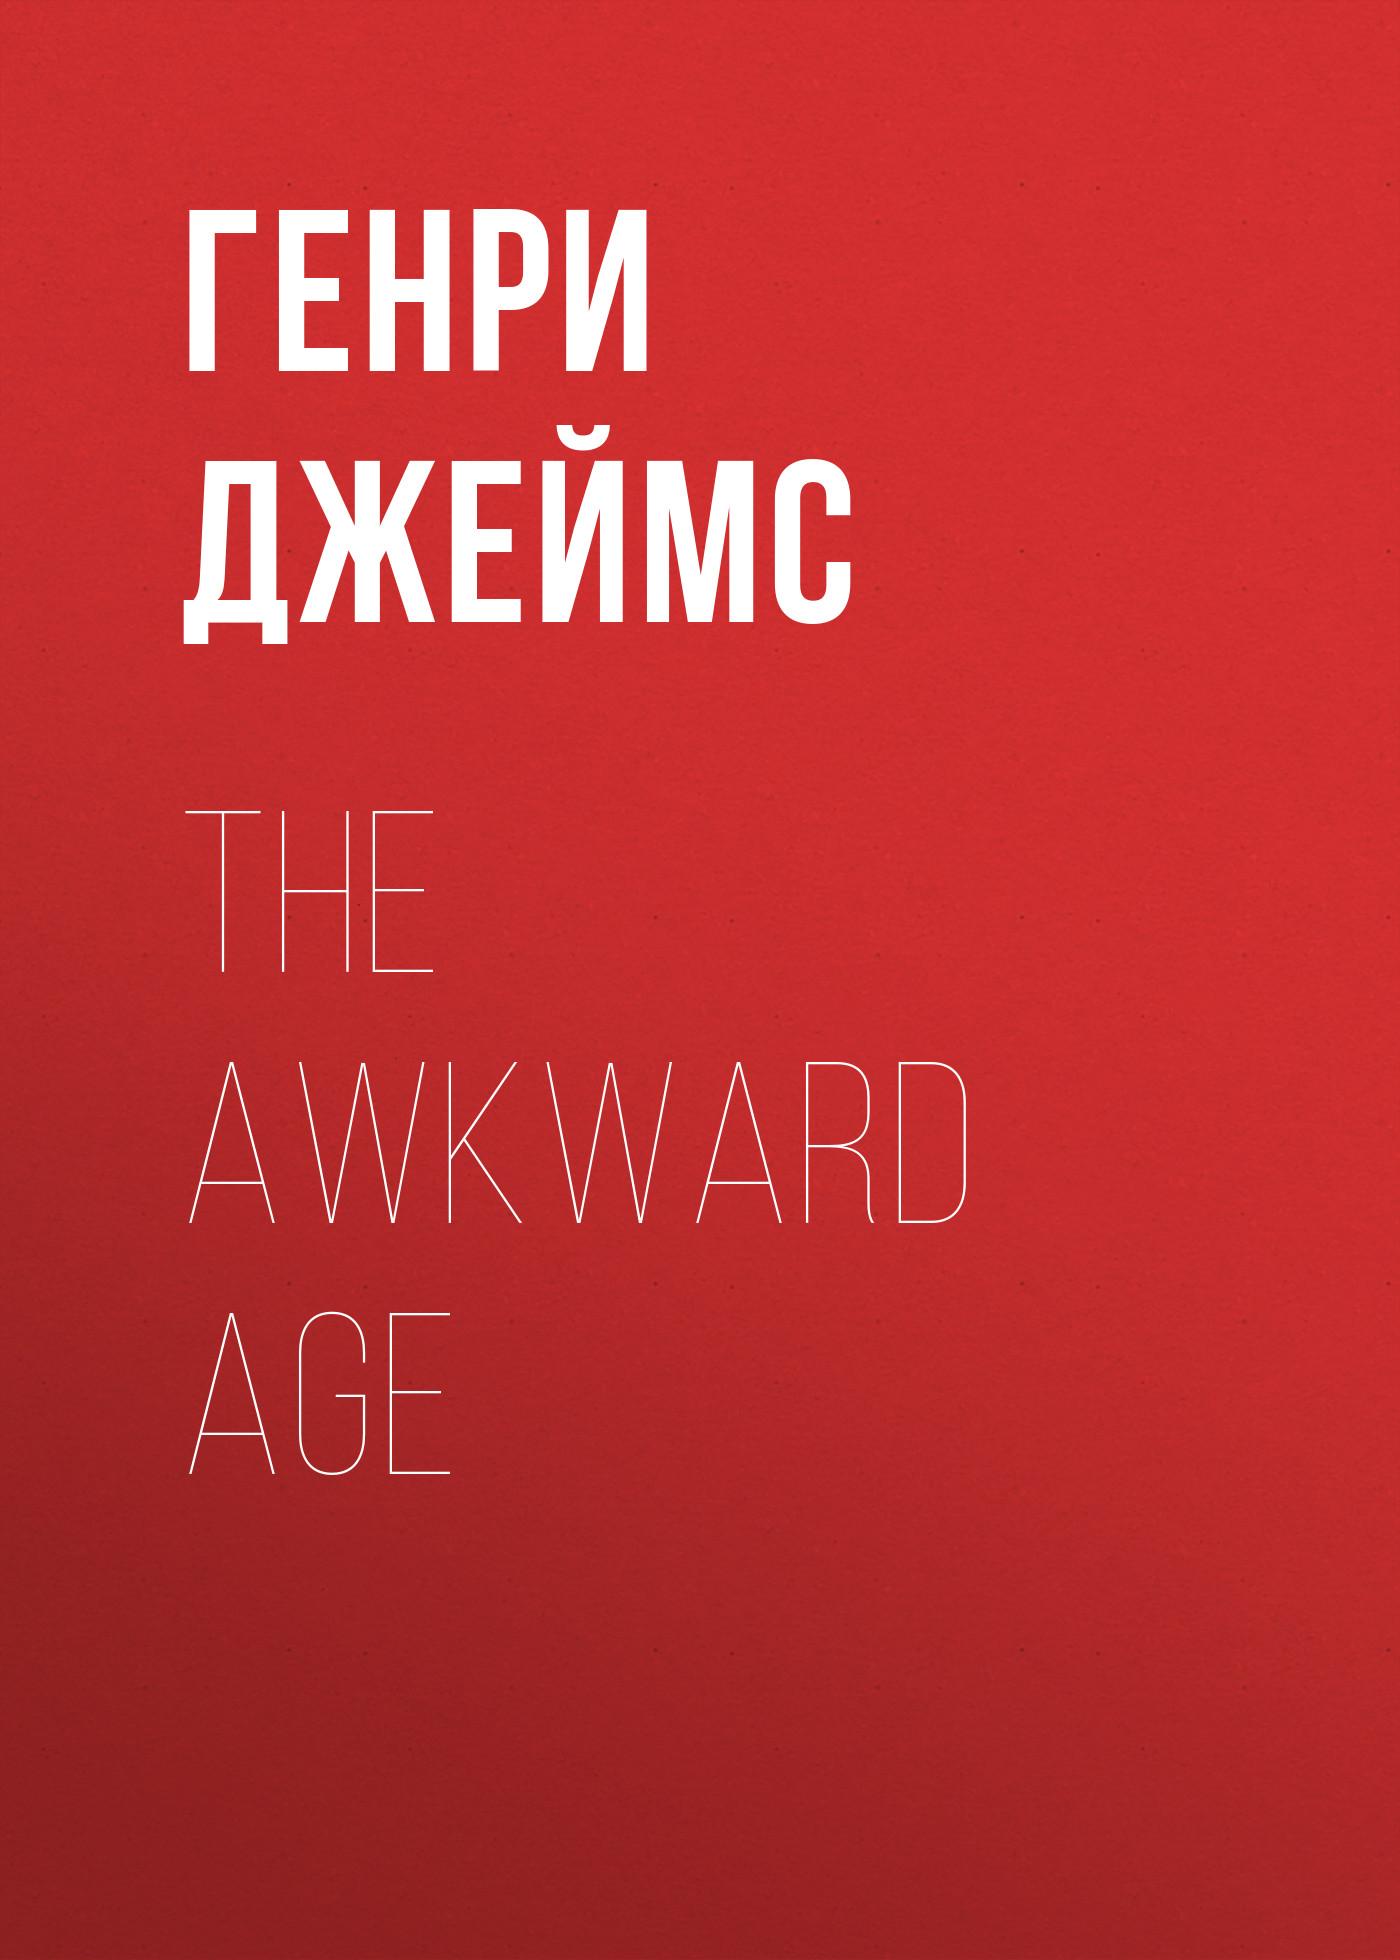 Генри Джеймс The Awkward Age генри джеймс the awkward age